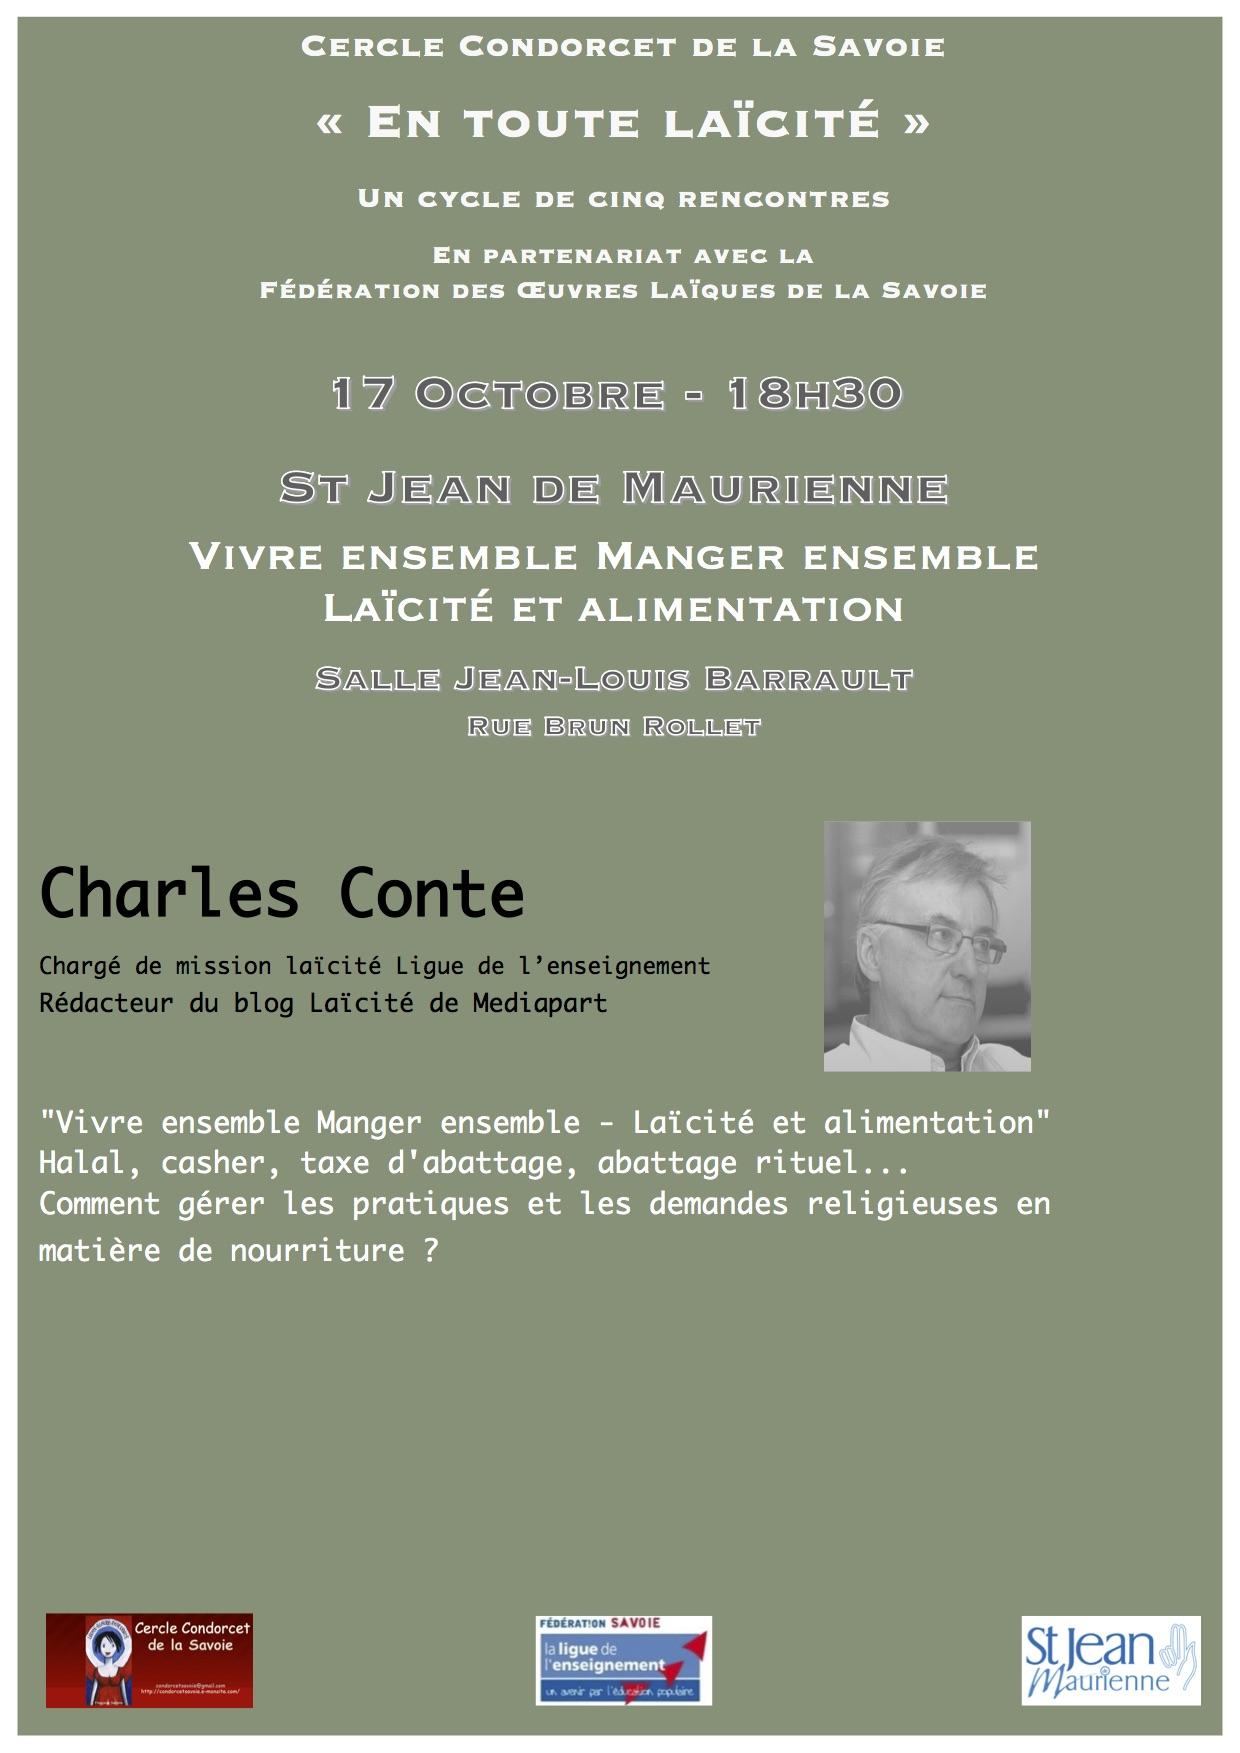 Flyer conte 1